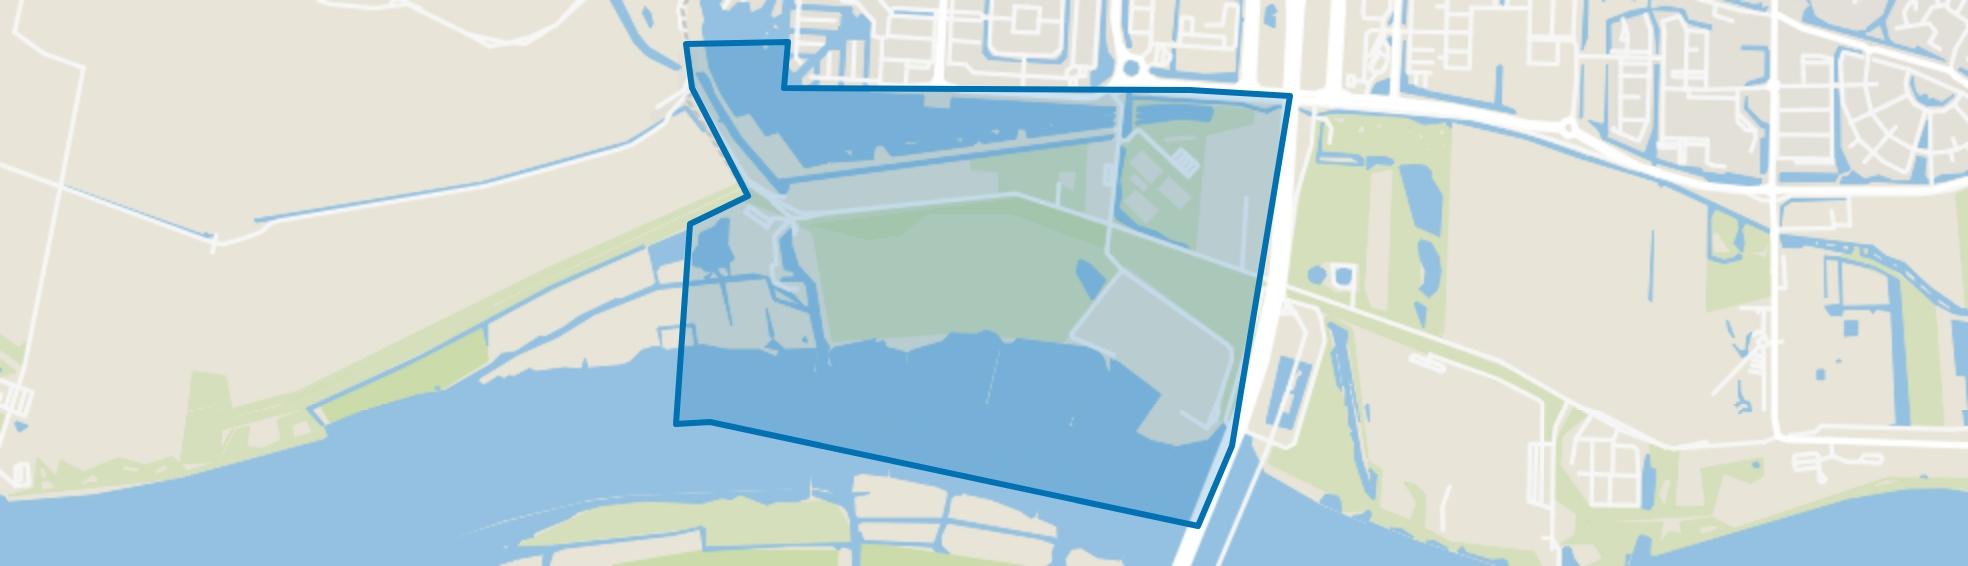 Koedood, Barendrecht map